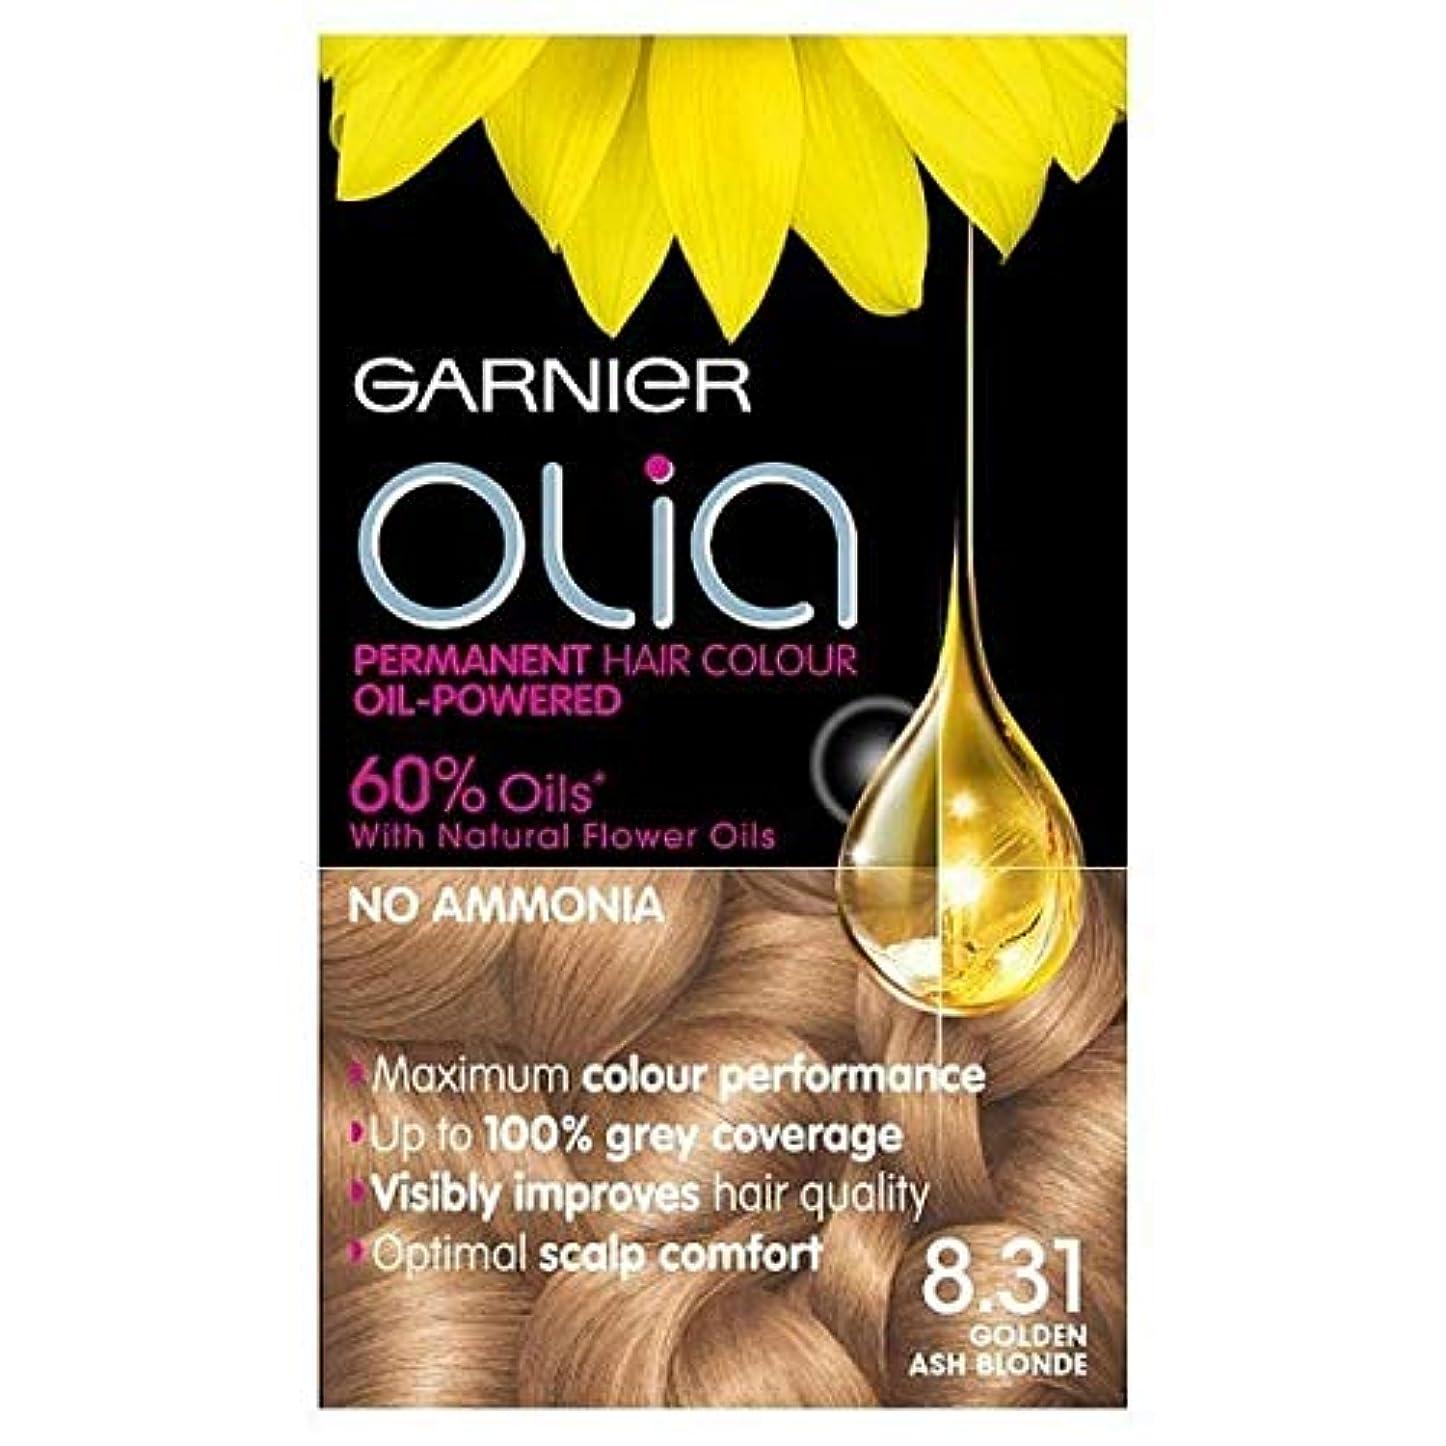 男性何エキサイティング[Garnier ] 永久染毛剤黄金の灰Oliaガルニエブロンド8.31 - Garnier Olia Permanent Hair Dye Golden Ash Blonde 8.31 [並行輸入品]